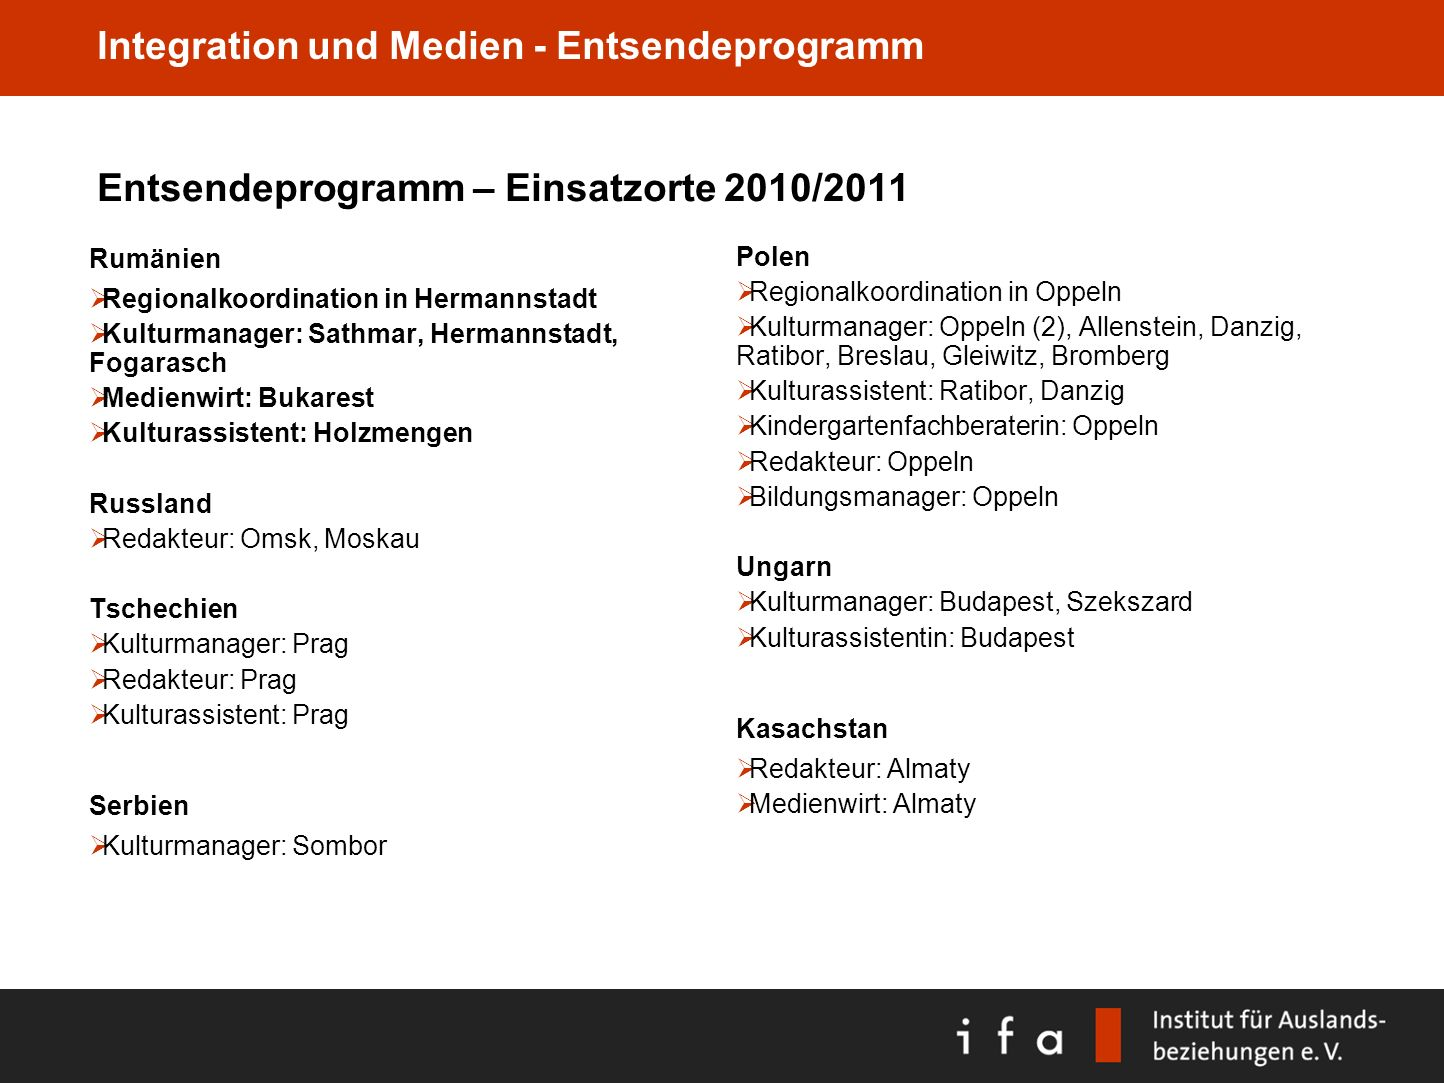 Entsendeprogramm – Einsatzorte 2010/2011